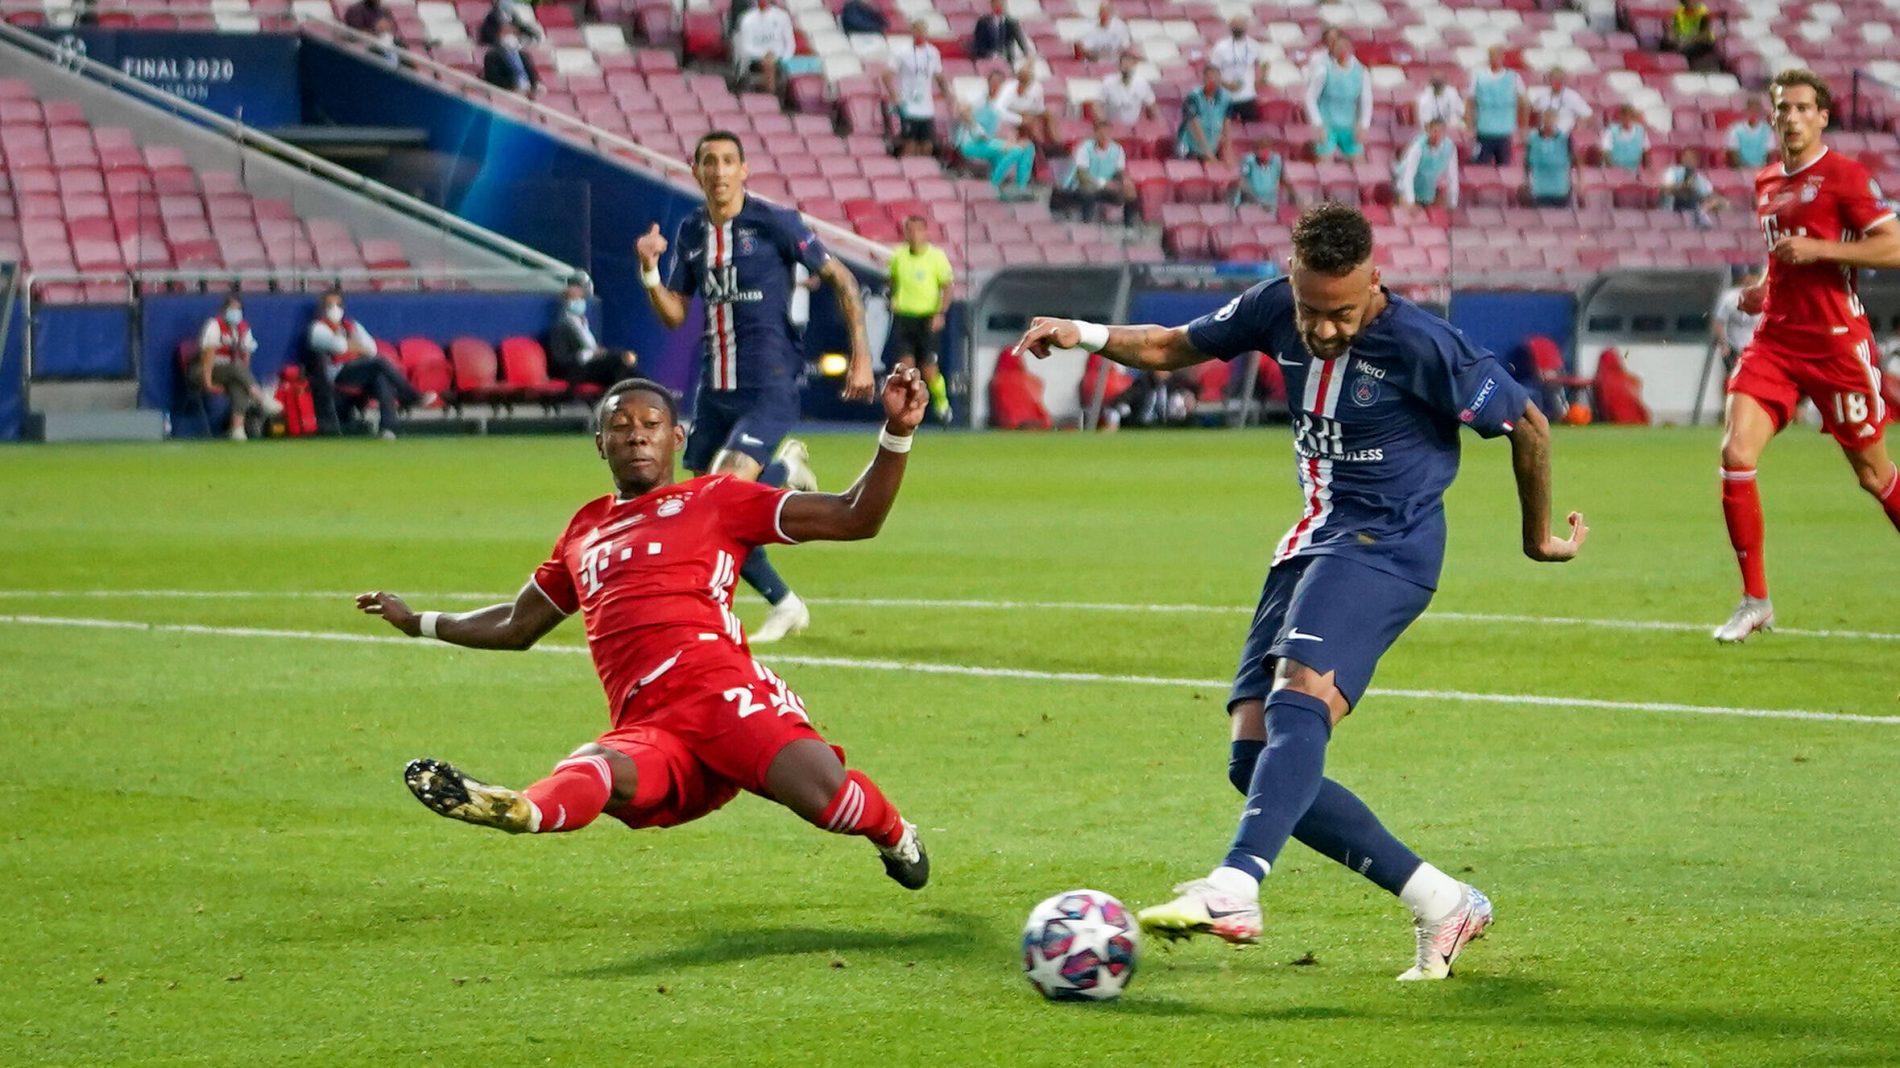 哈曼马特乌斯:阿拉巴离队将是巨大损失,看好他留在拜仁 第1张